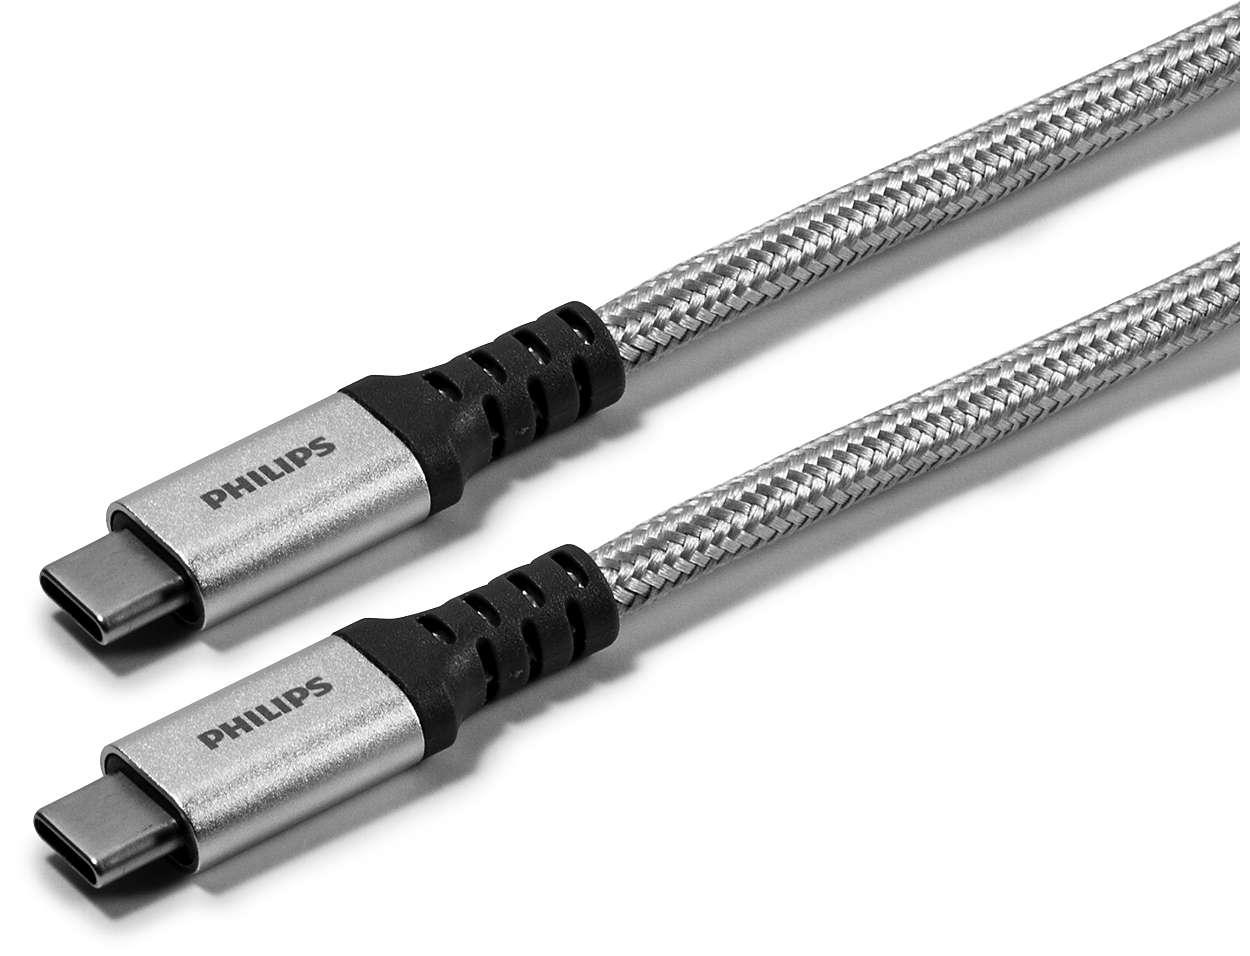 Premium braided USB-C cable aluminum connector